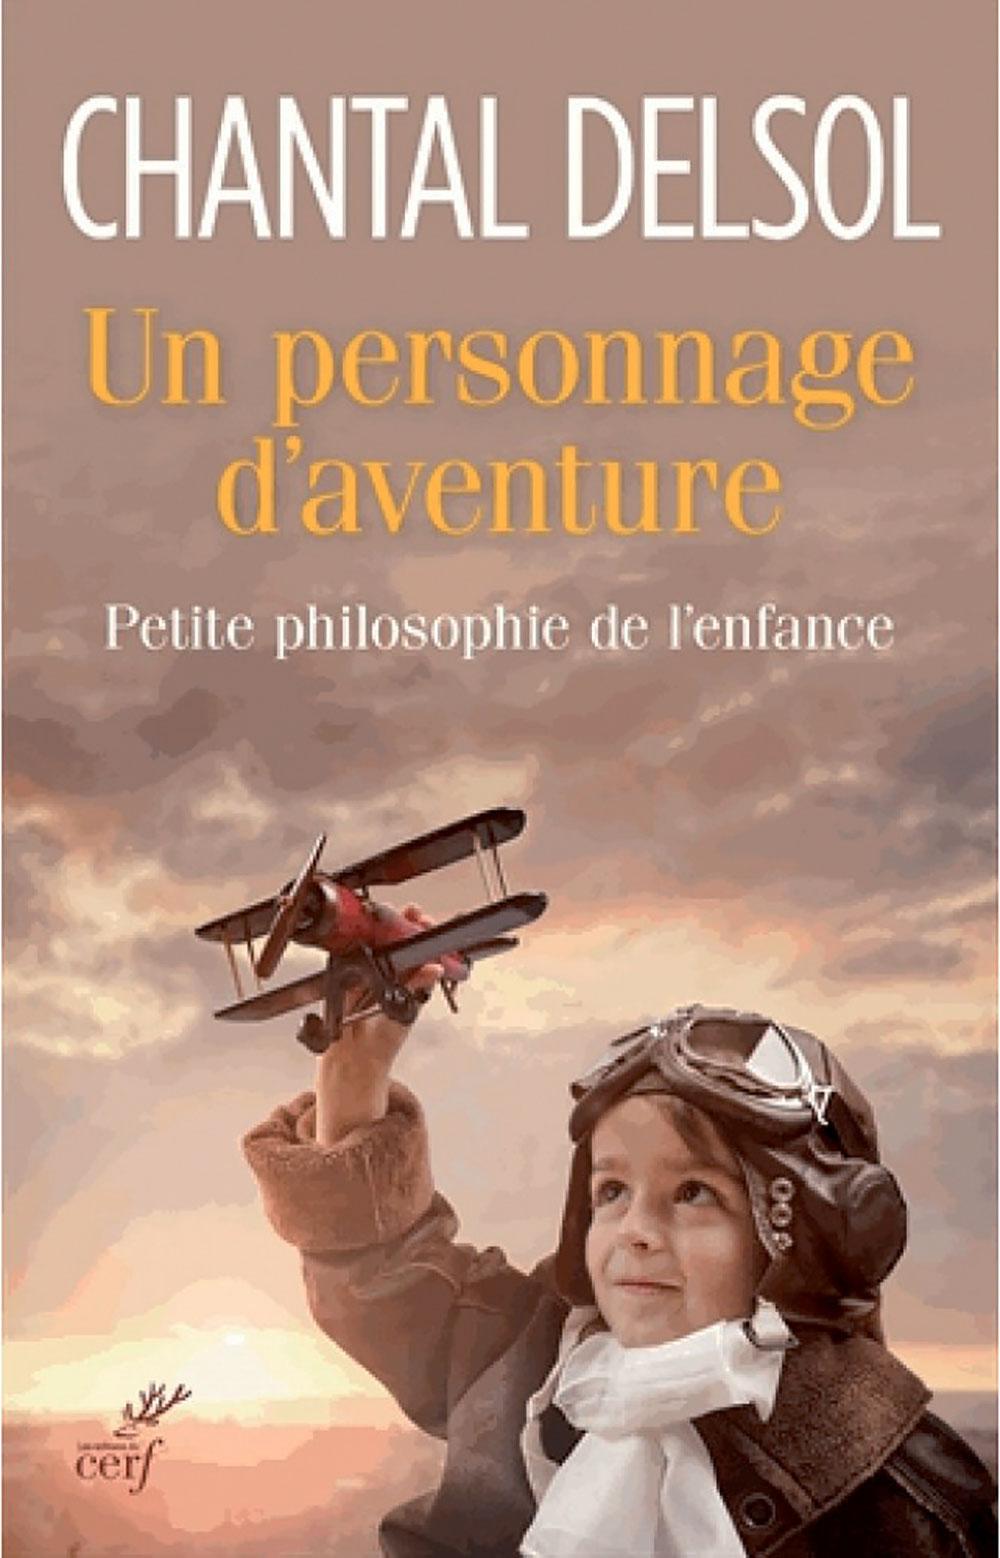 Un personnage d'aventure, petite philosophie de l'enfance, Chantal Delsol, Editions du Cerf